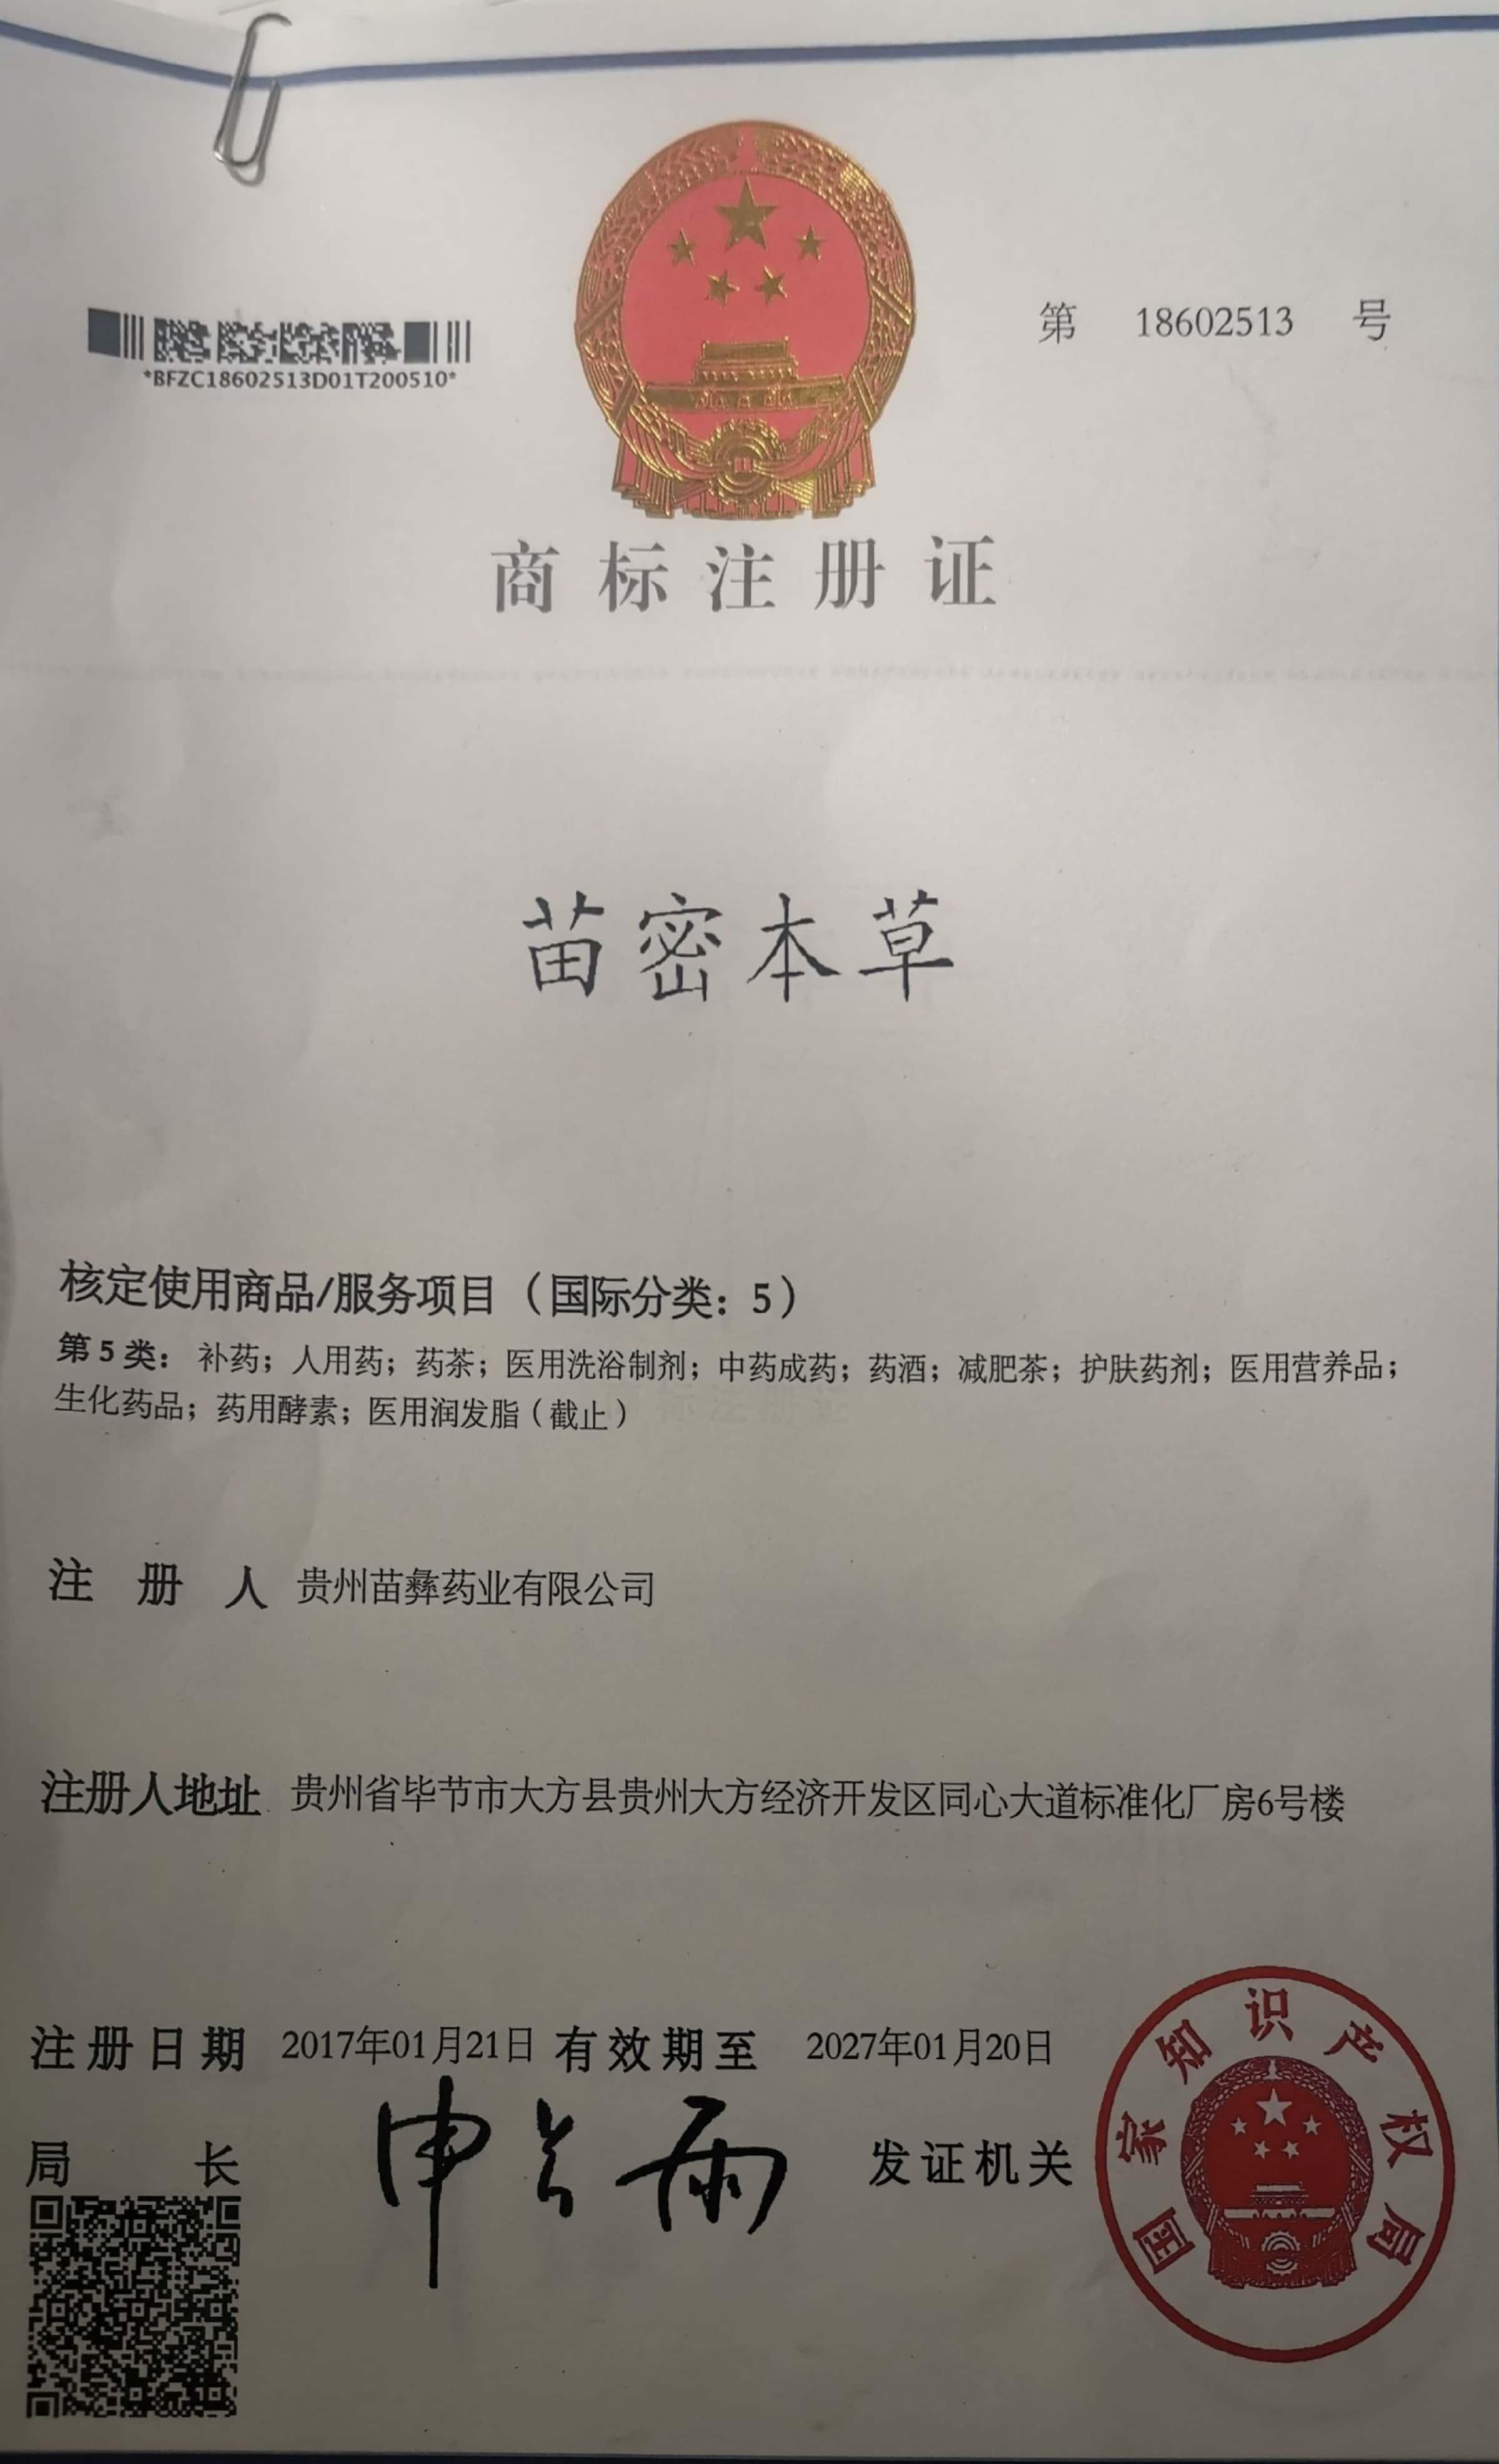 贵州苗彝药业有限公司